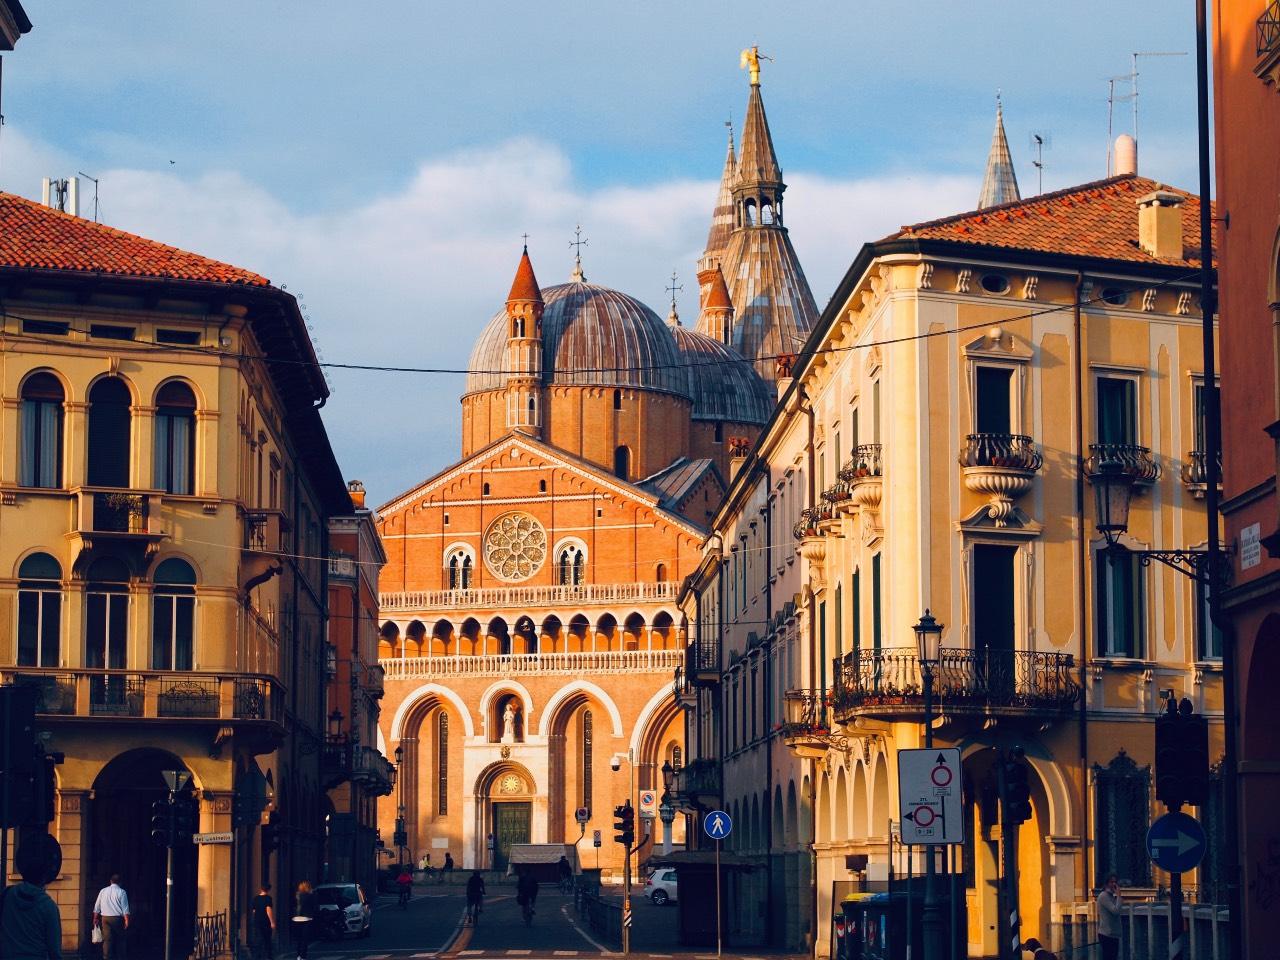 Padova foto di Stefano Segato-Unsplash